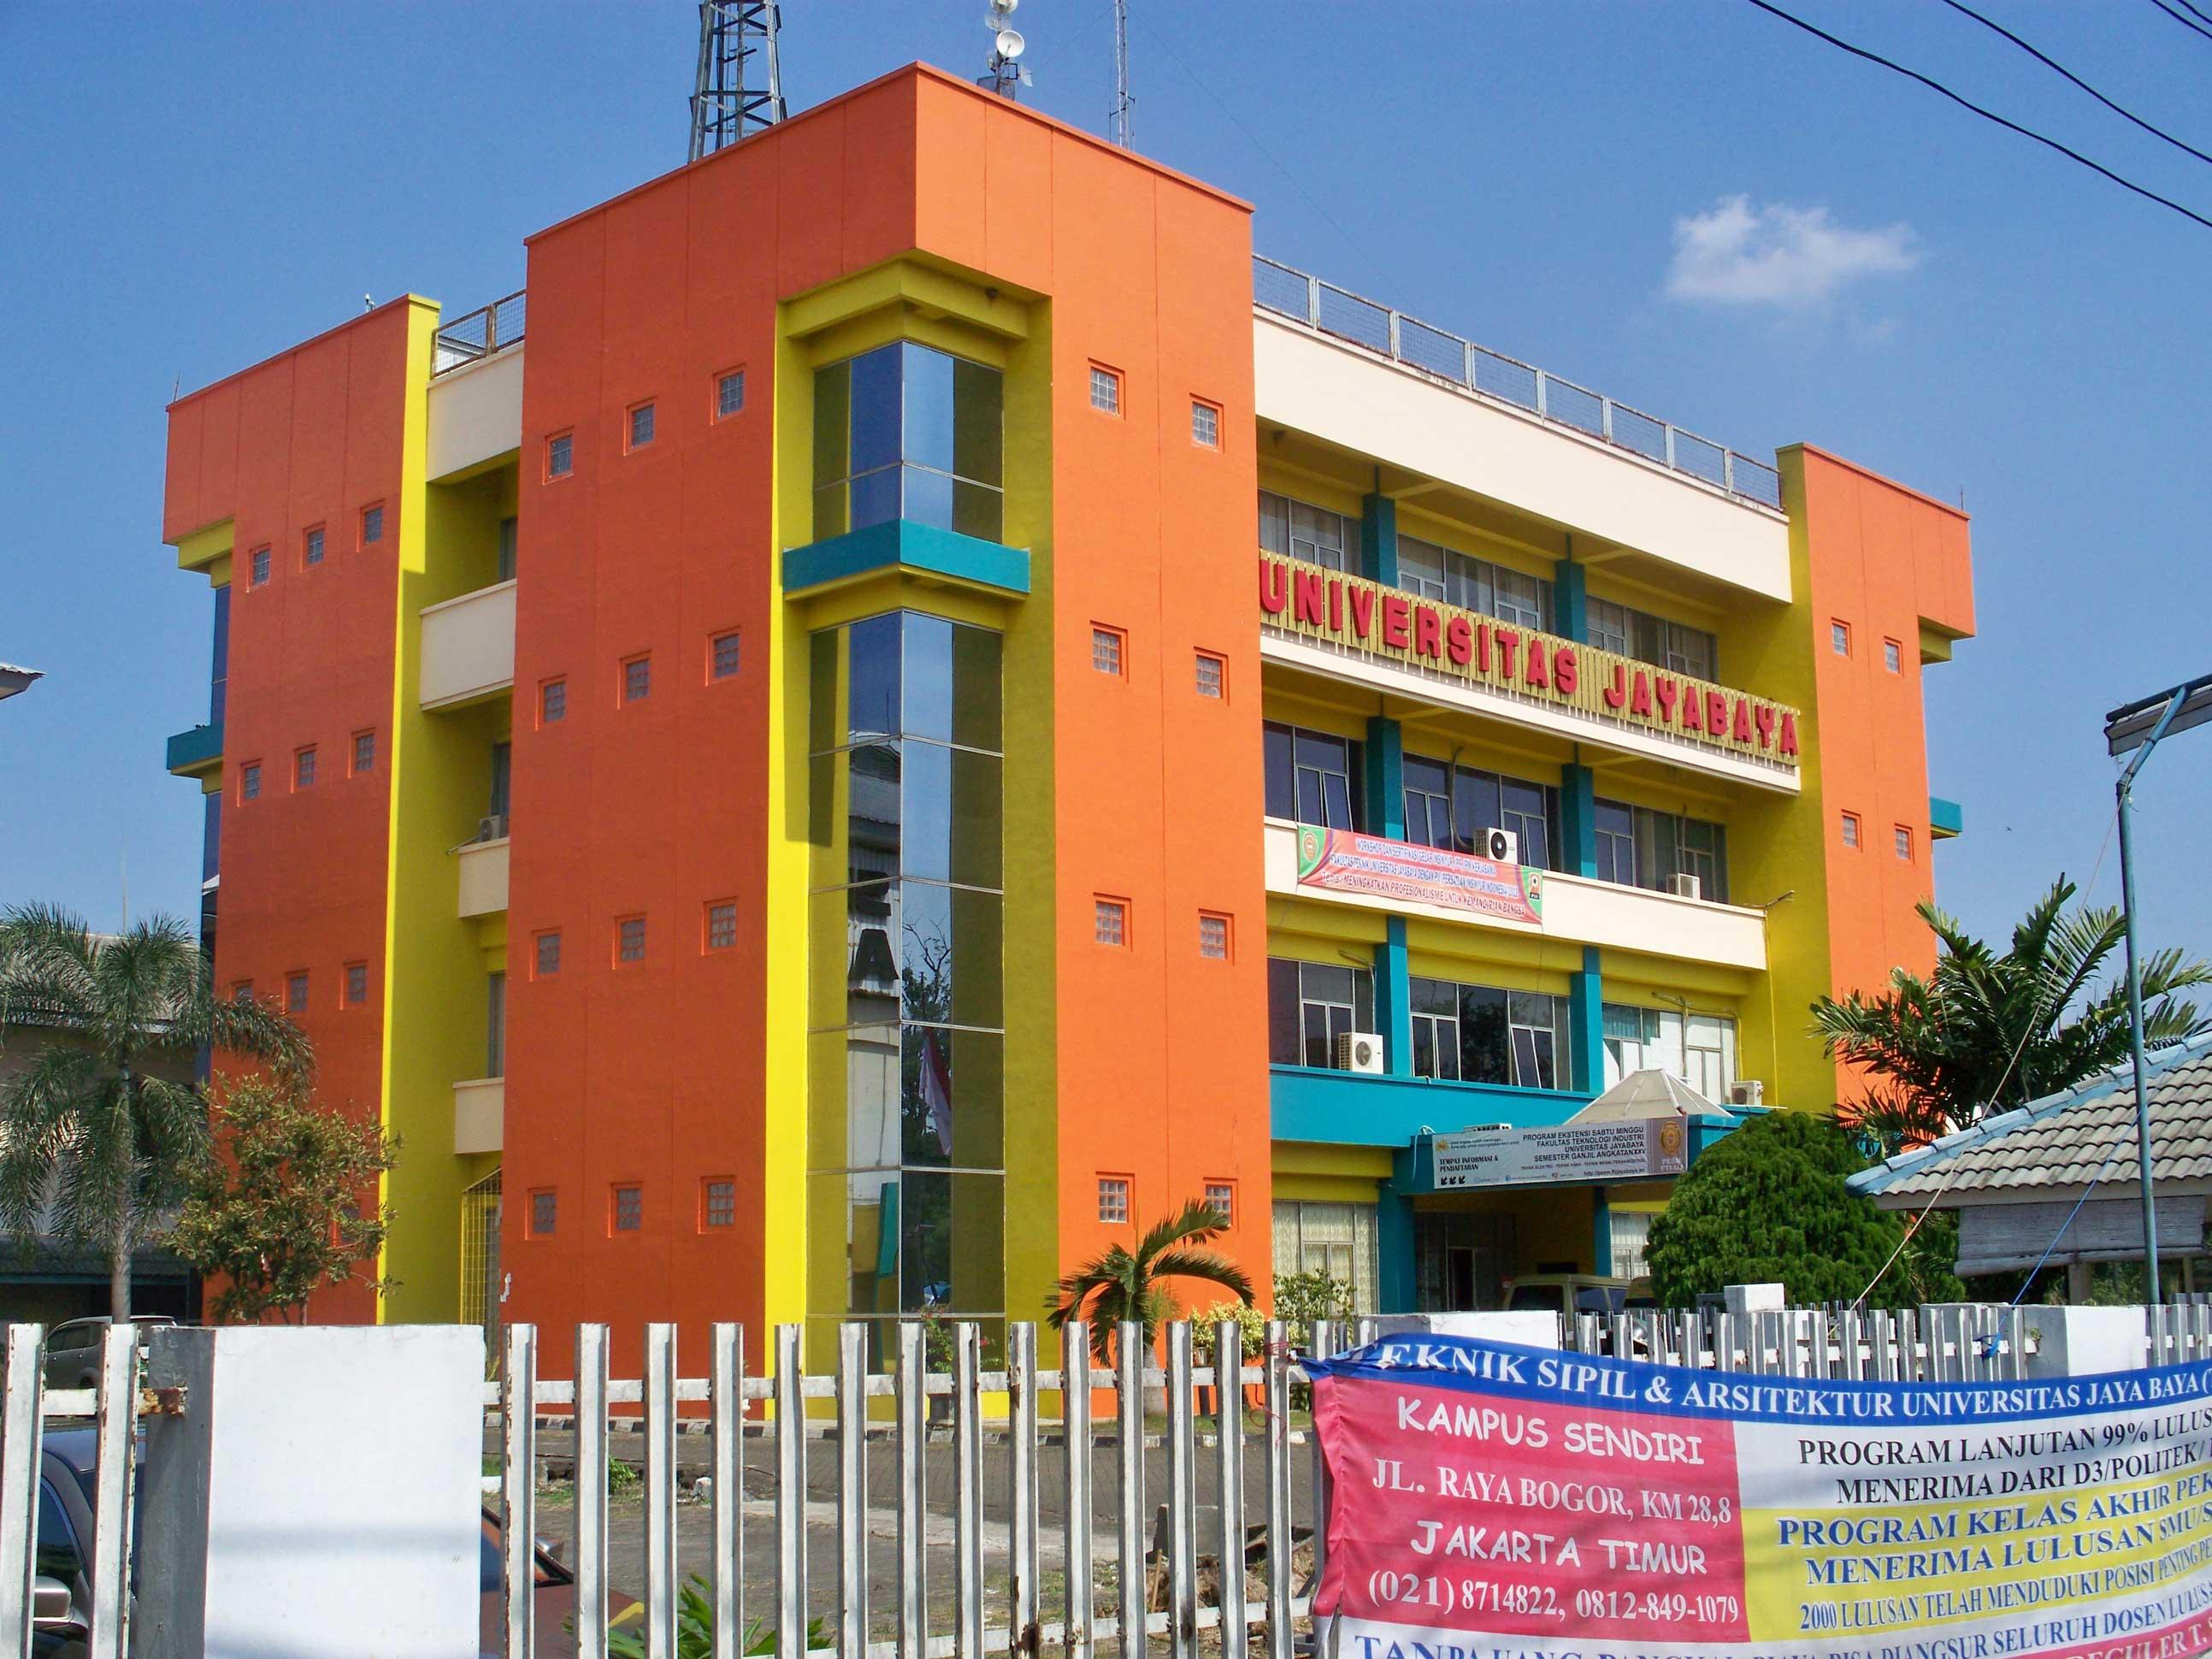 Biaya Kuliah Kelas Karyawan Fakultas Ekonomi Universitas Jayabaya (UJ) 2017-2018